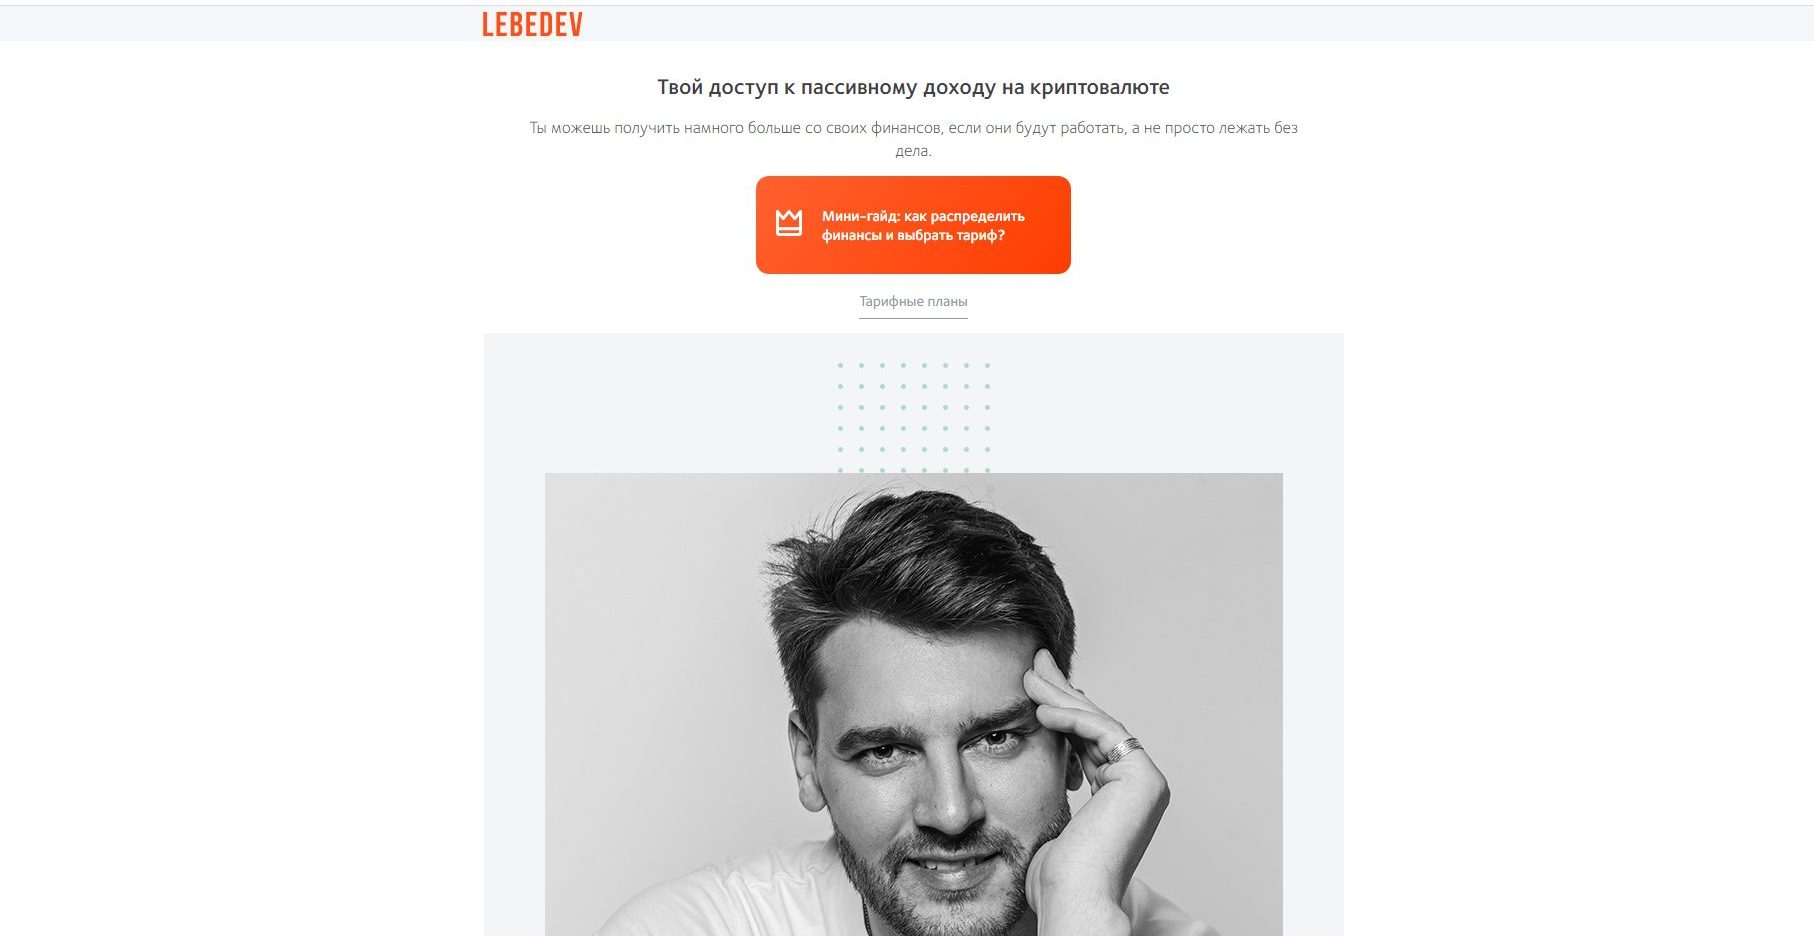 Главная страница сайта Лебедева